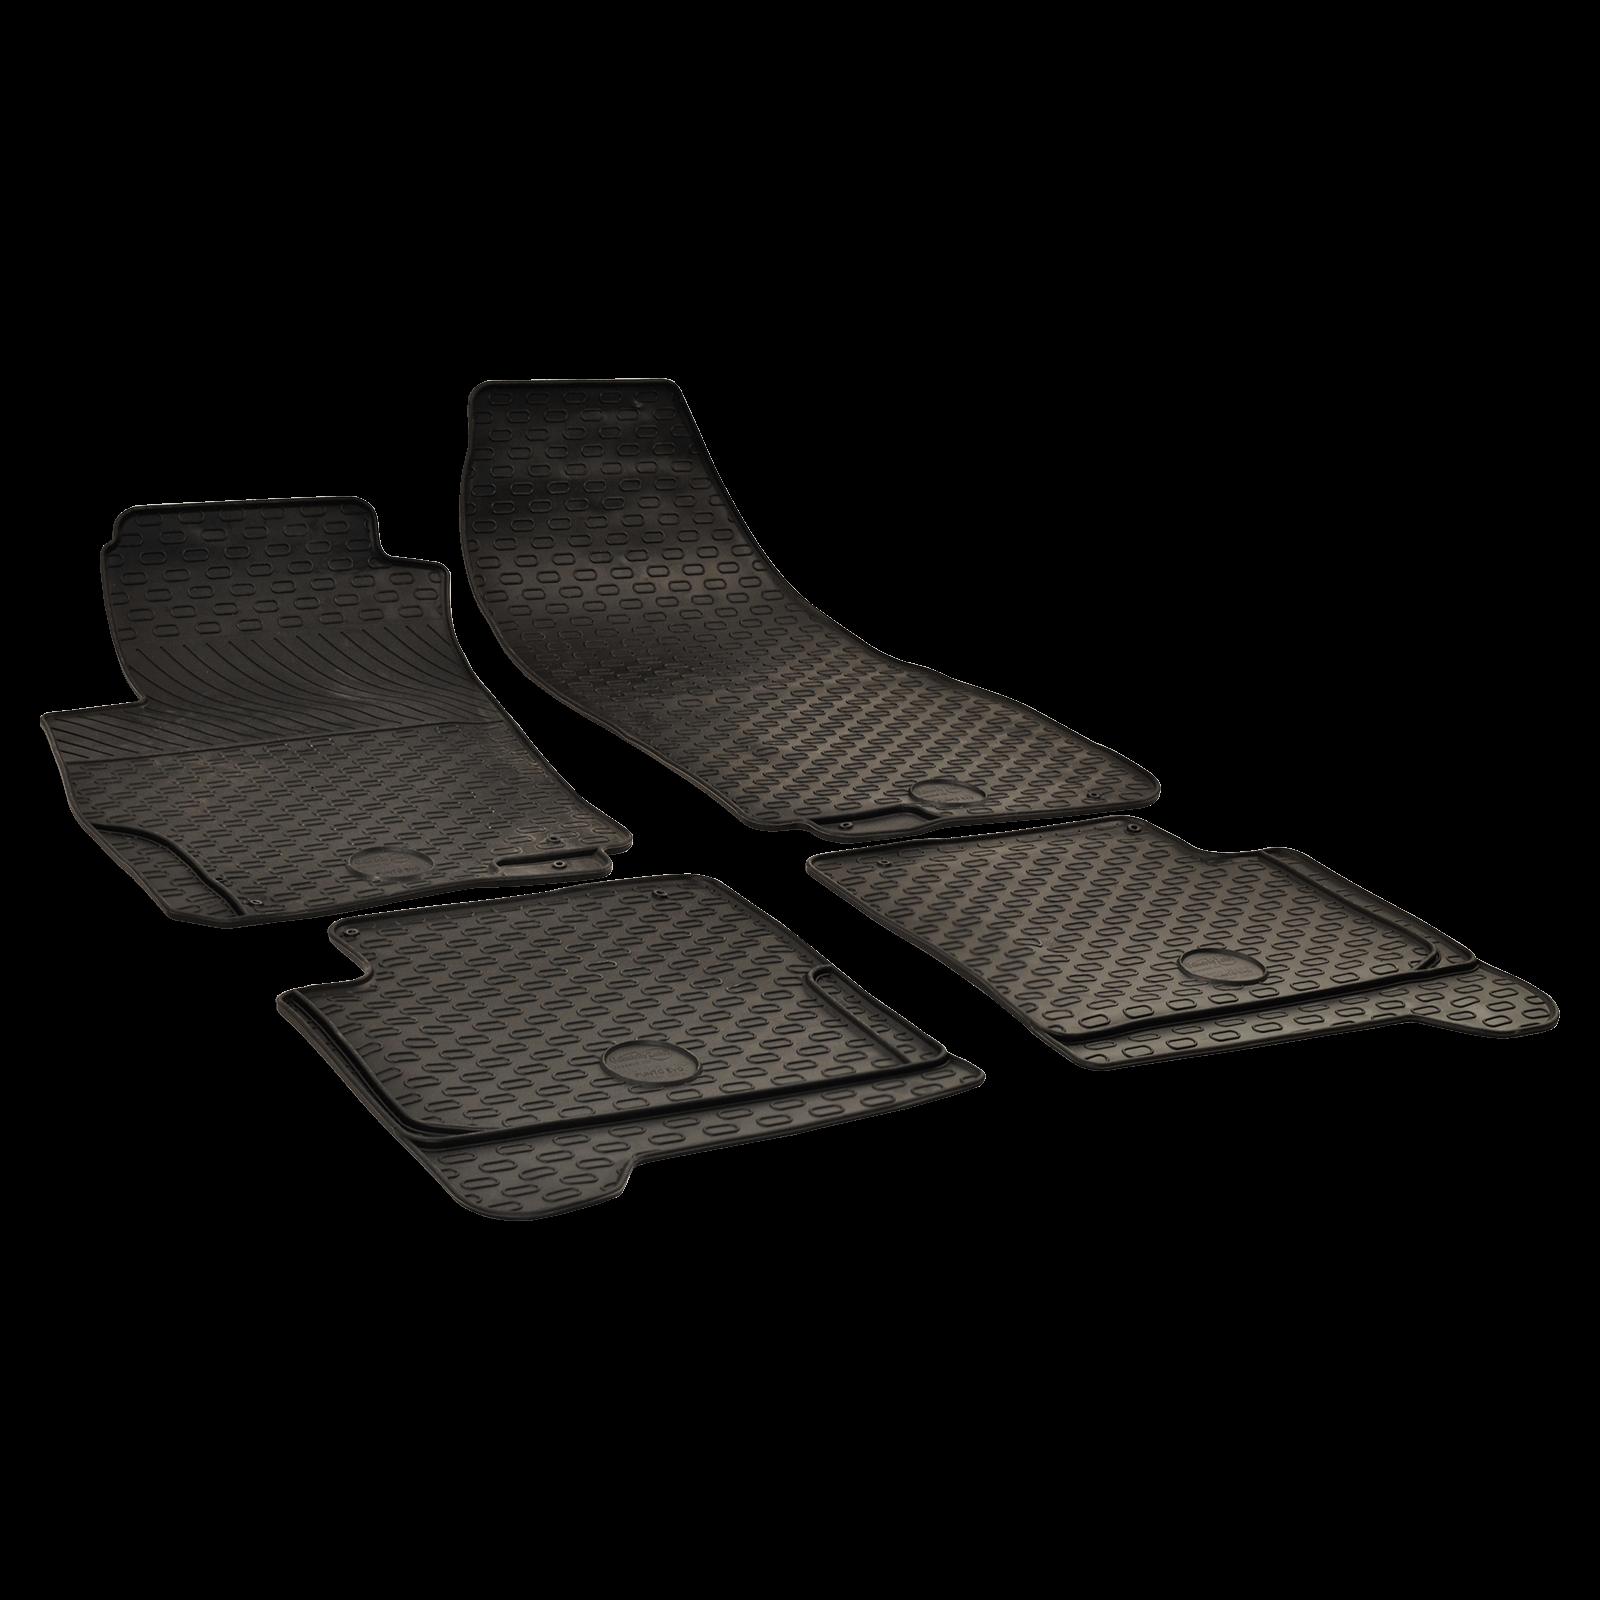 tapis de sol en caoutchouc anthracite pour fiat punto evo bj. Black Bedroom Furniture Sets. Home Design Ideas